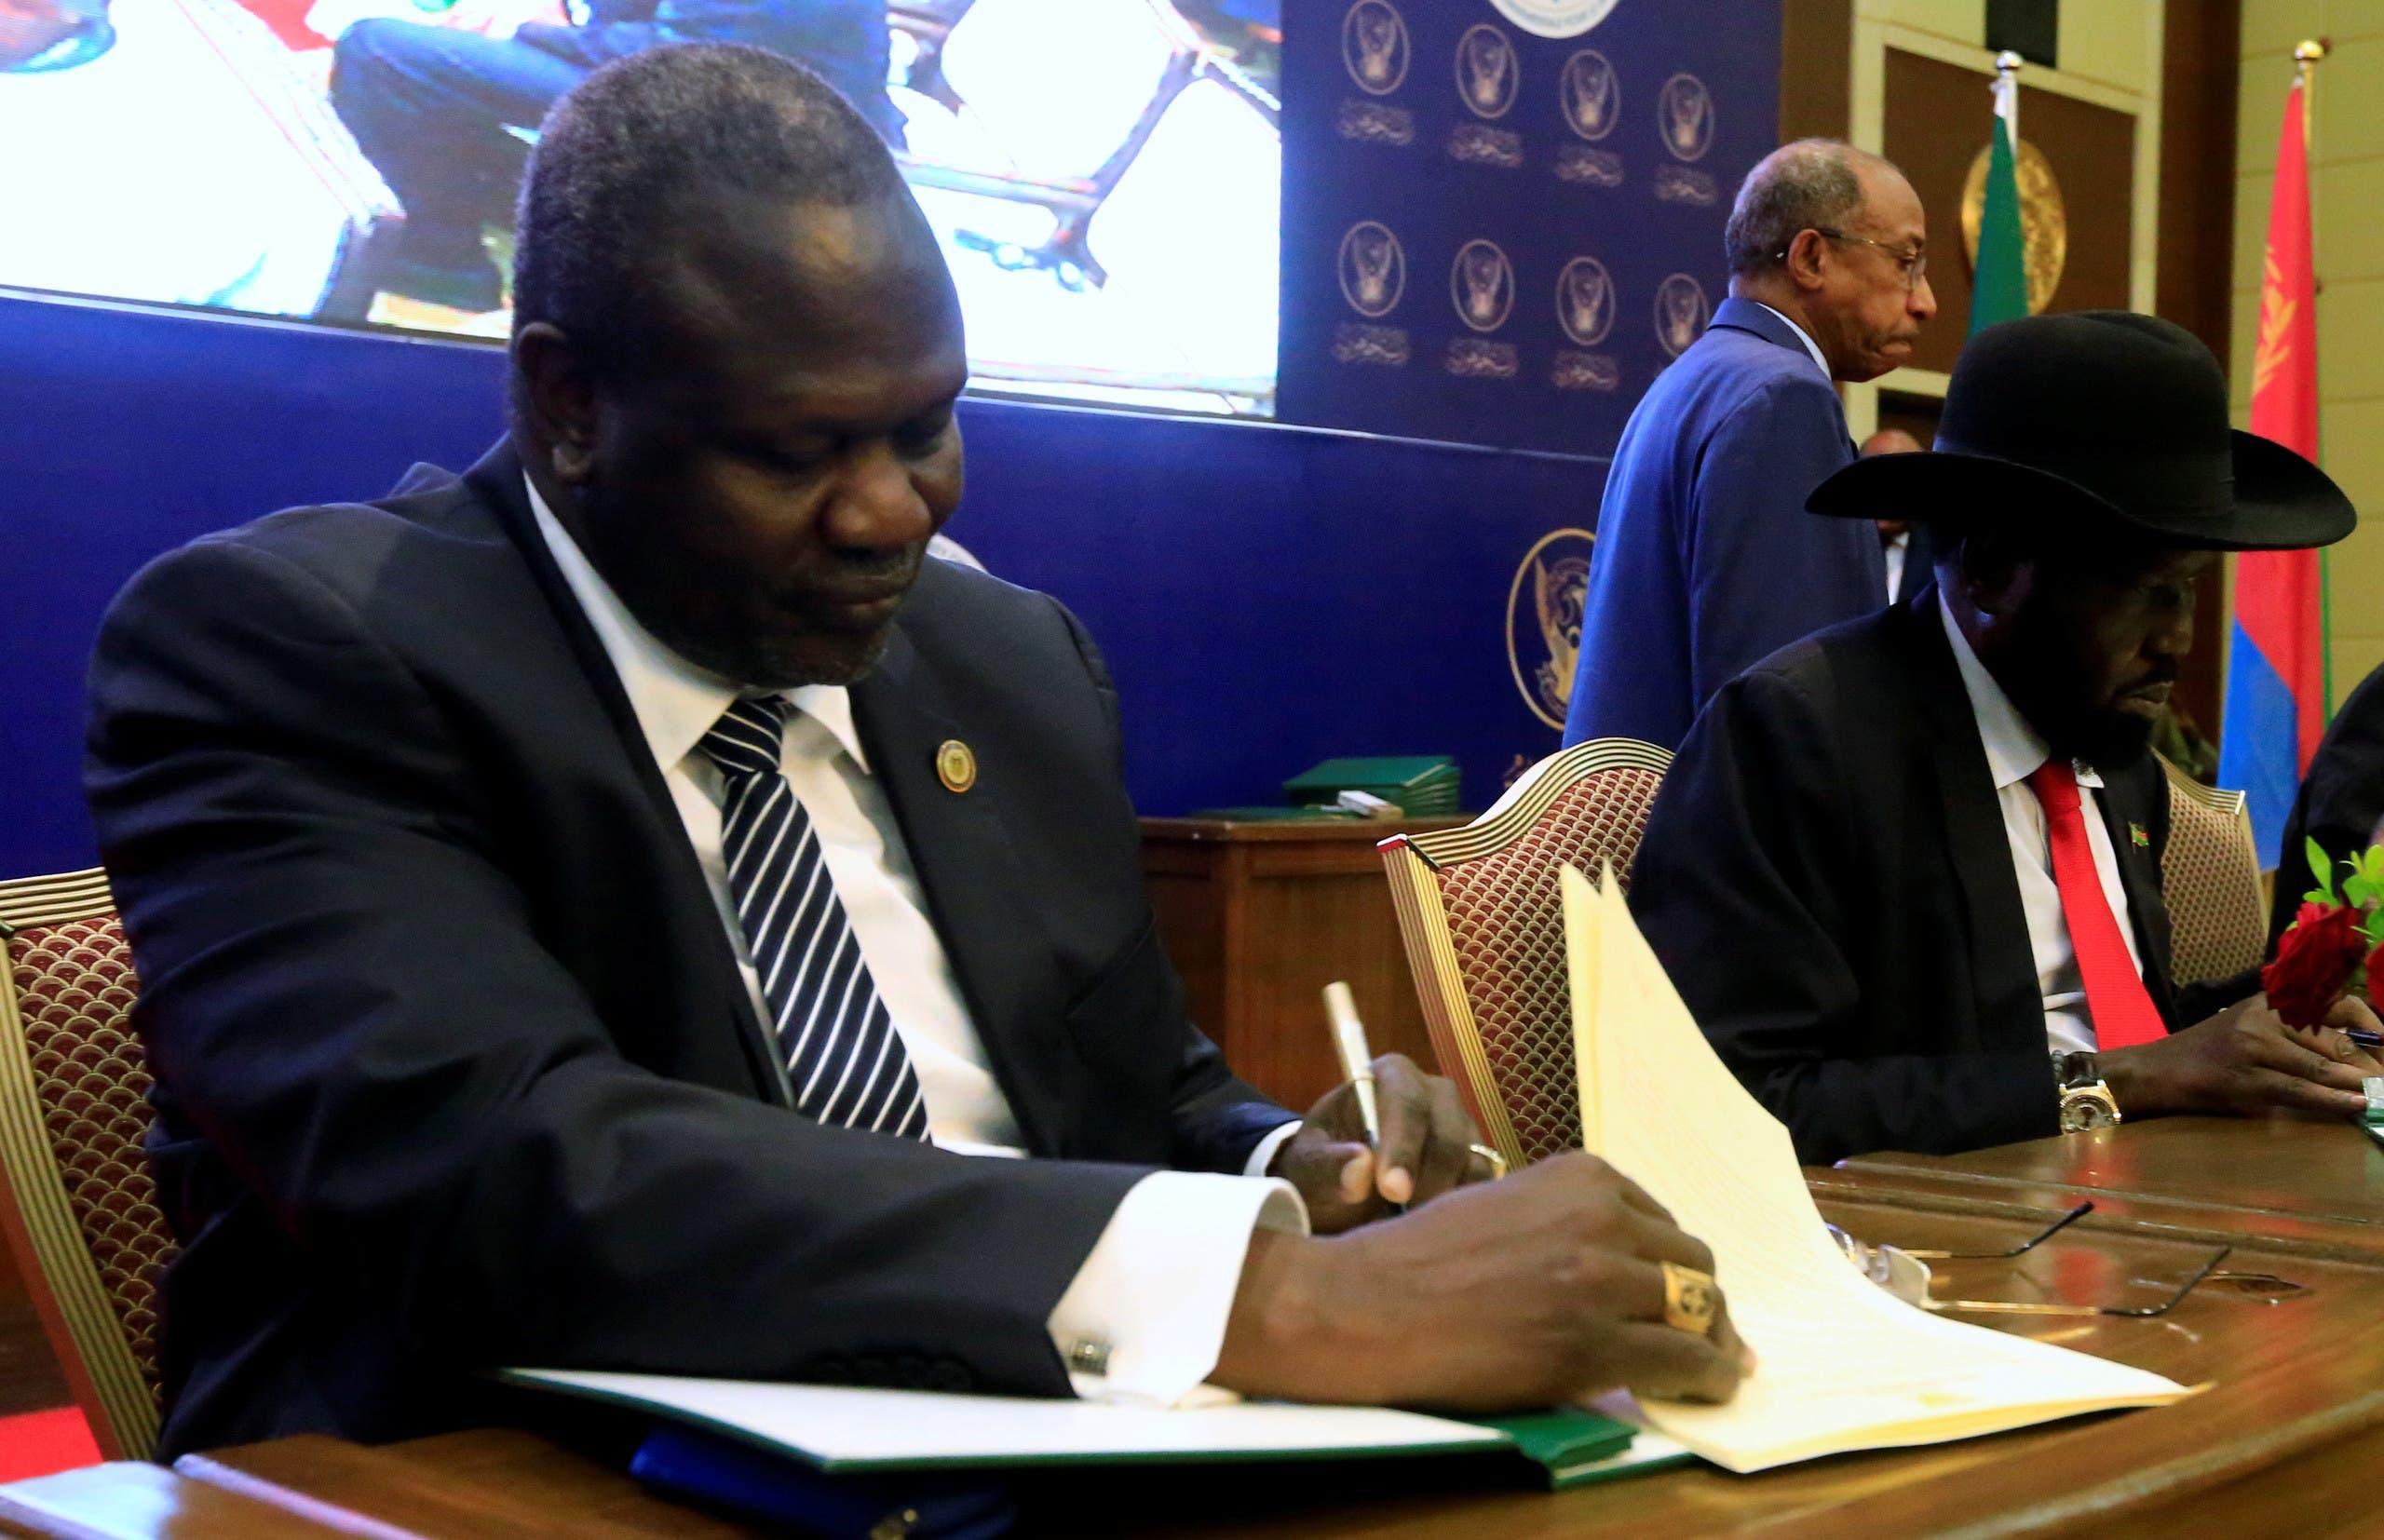 من توقيع اتفاق السلام في الخرطوم في سبتمبر 2018